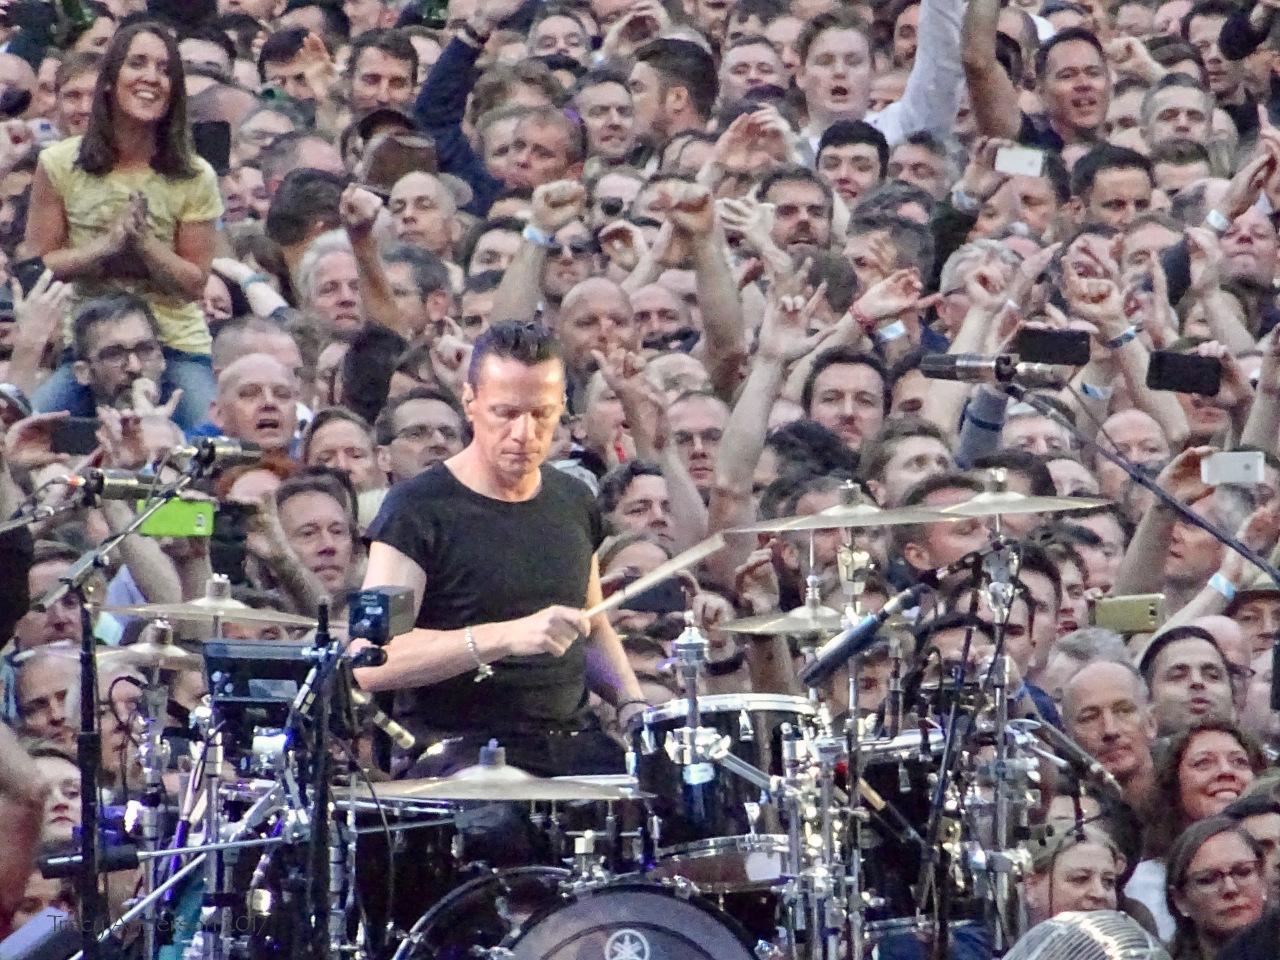 Larry Drums Croke Park Dublin U2 The Joshua Tree July 22 2017